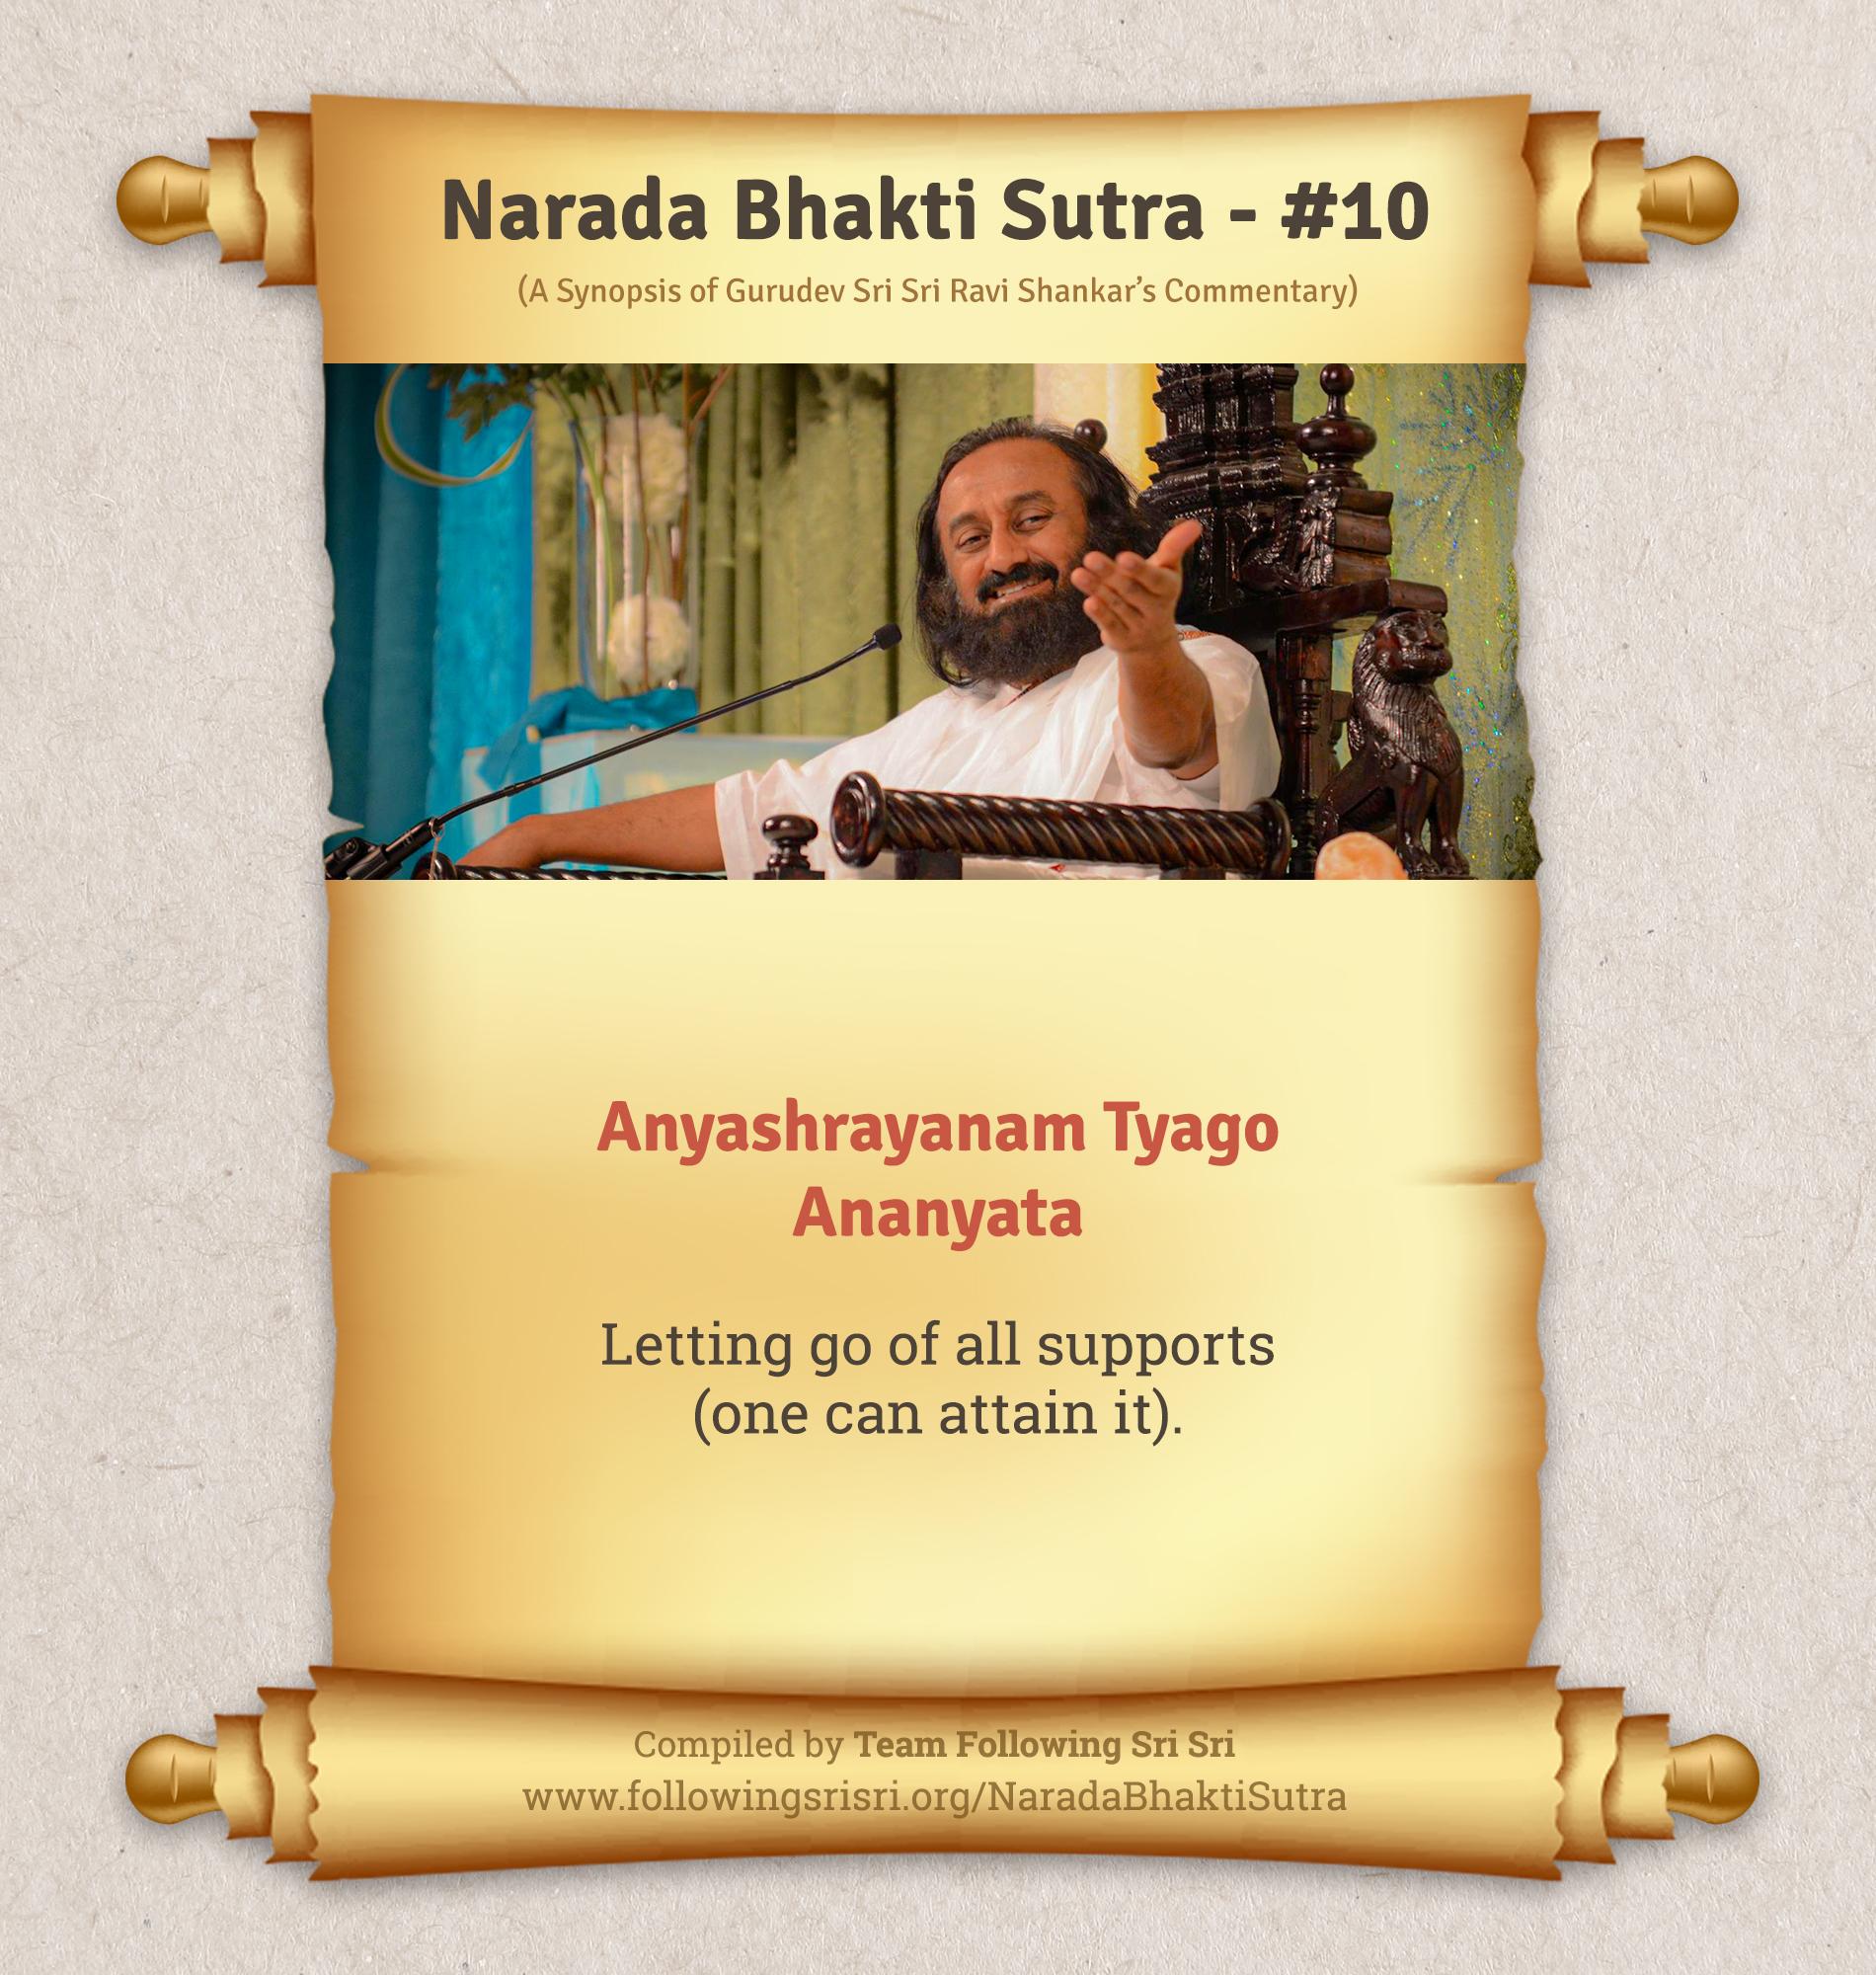 Narada Bhakti Sutras - Sutra 10